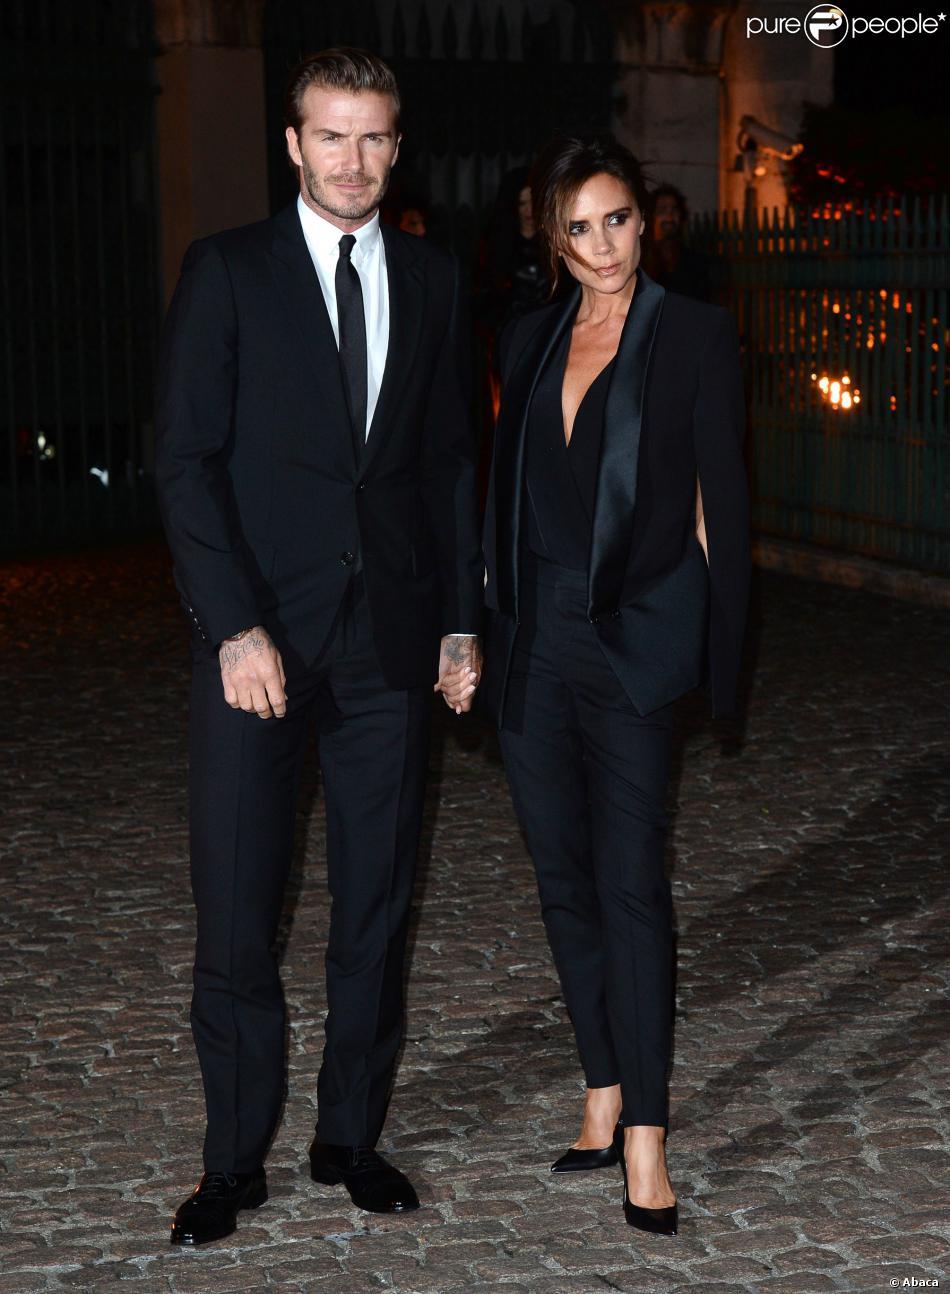 David et Victoria Beckham, ultrachic en noir durant la Fashion Week de Londres, assistent un événement de la fondation Global Fund. Le 16 septembre 2013.